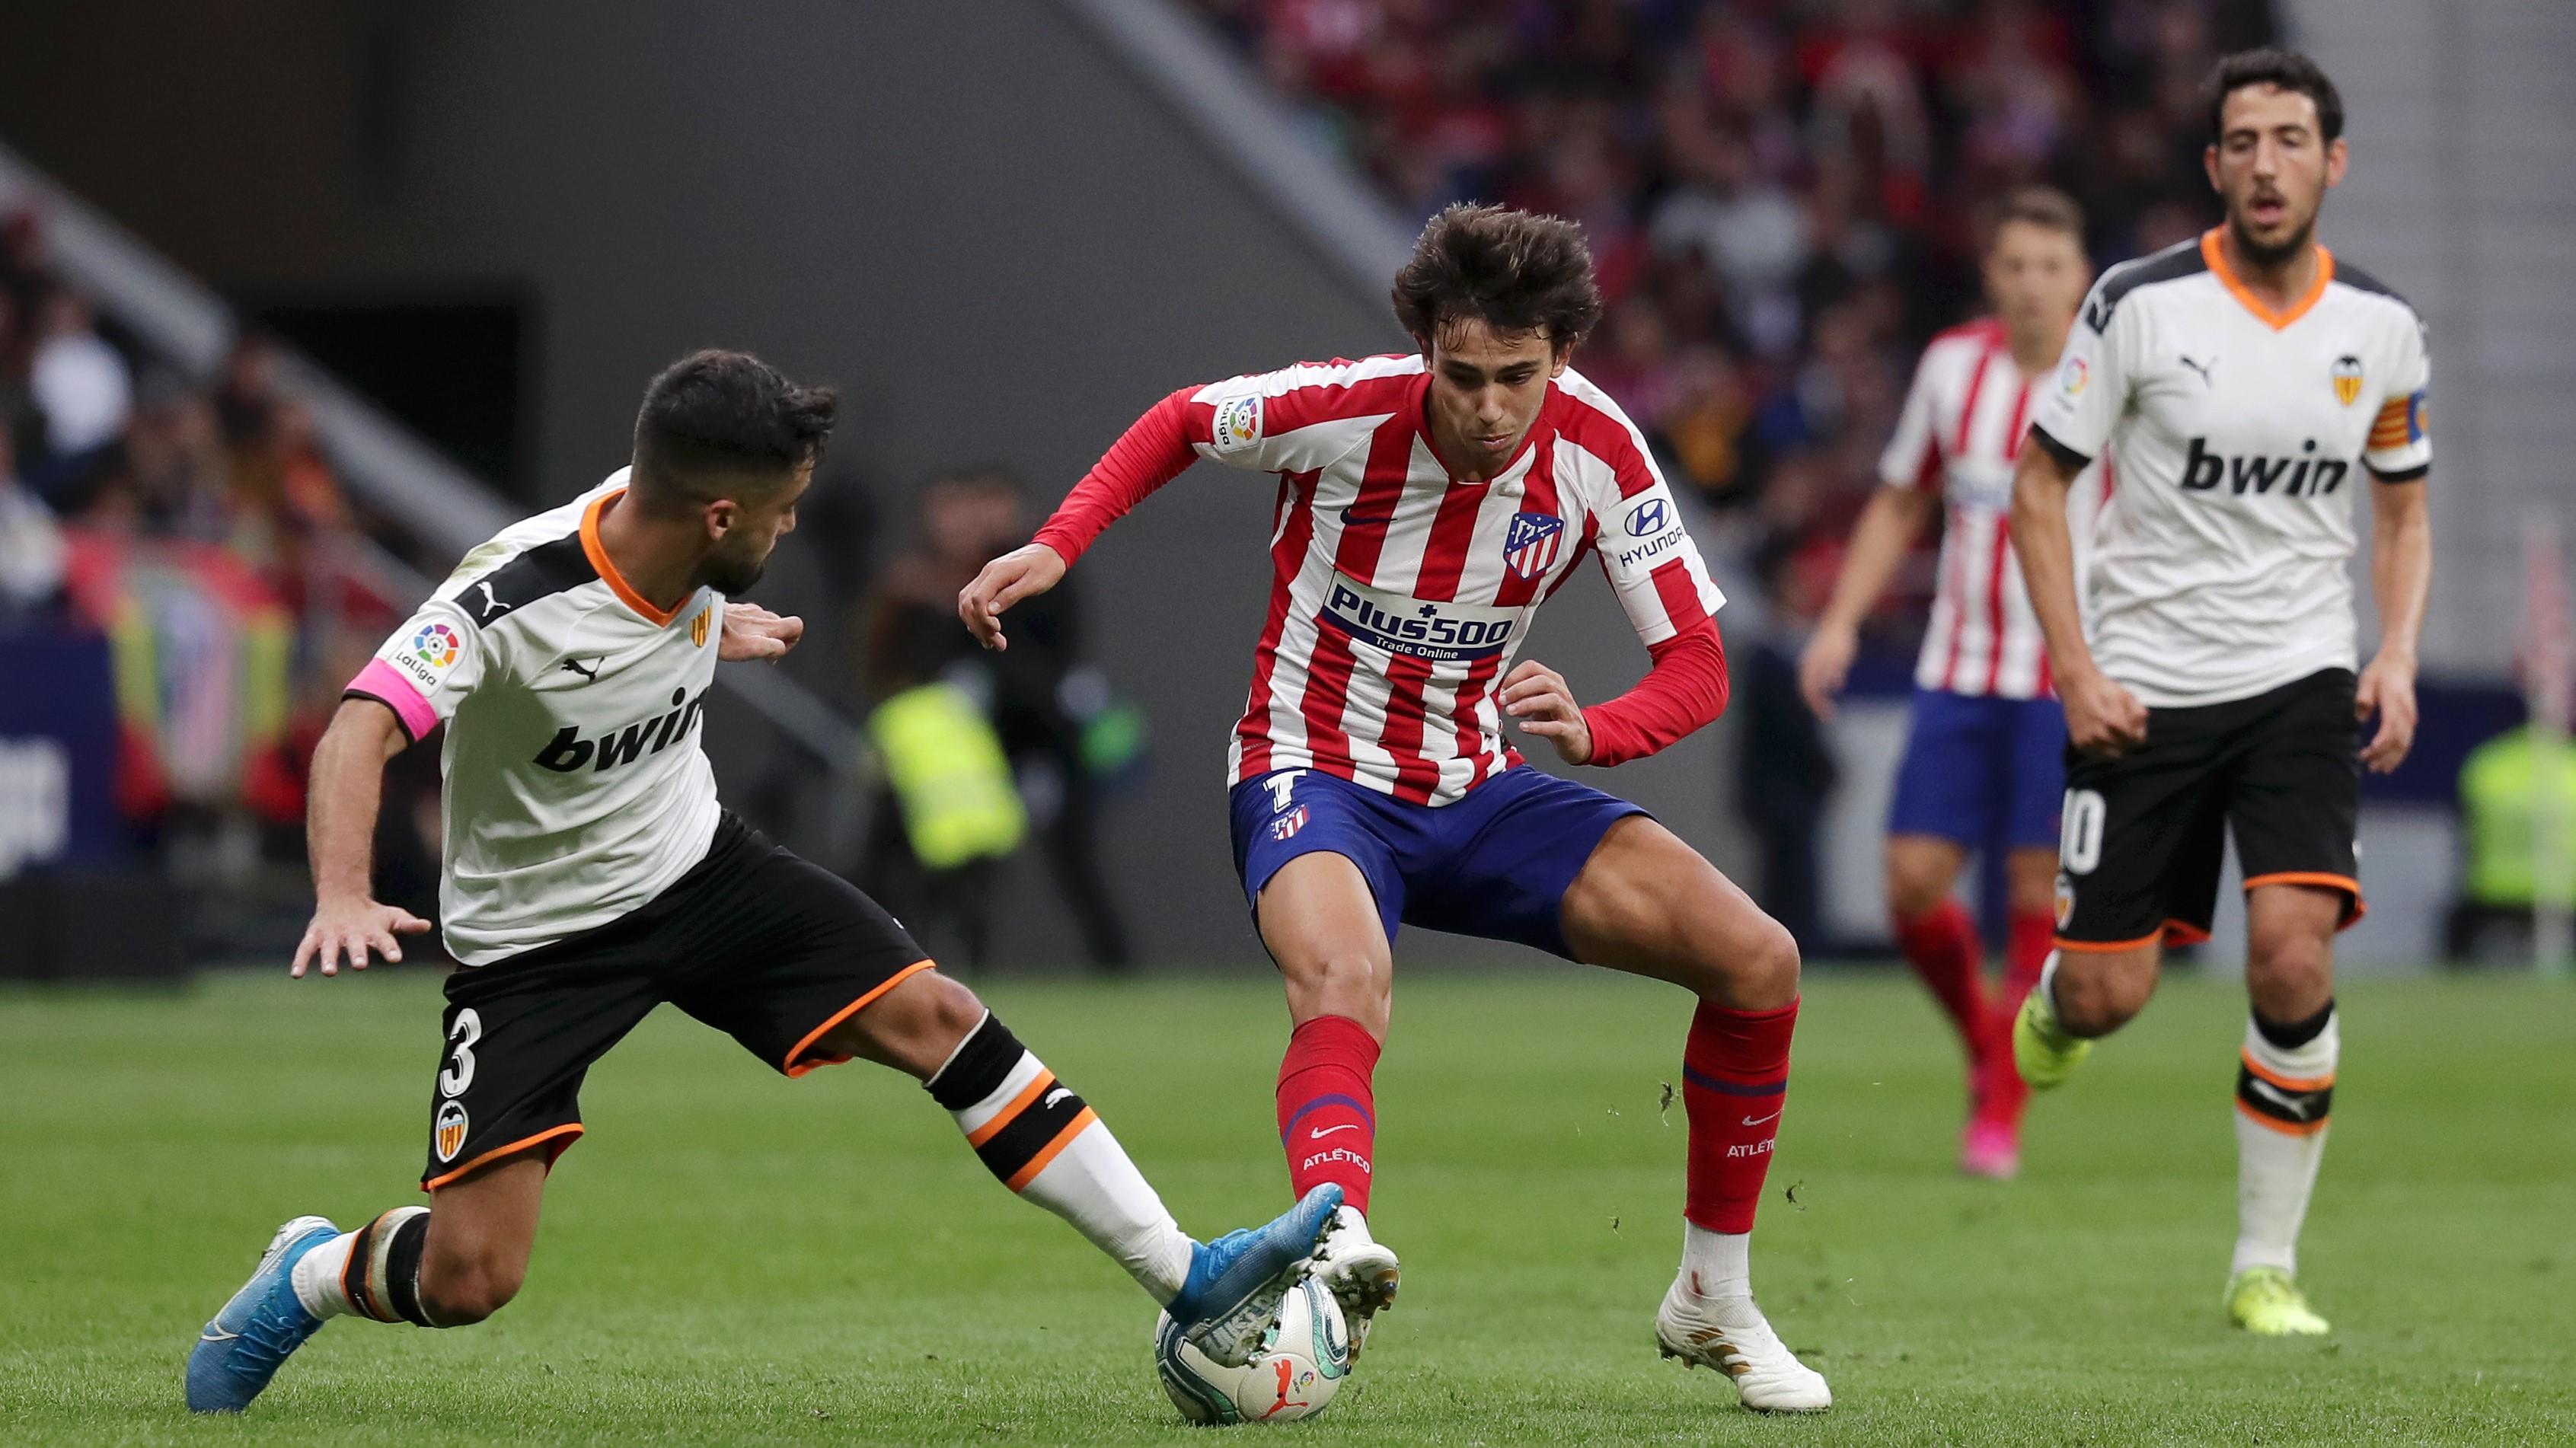 Barça, 15 millions d'euros pour une exclusivité sur des joueurs de l'Atlético Madrid